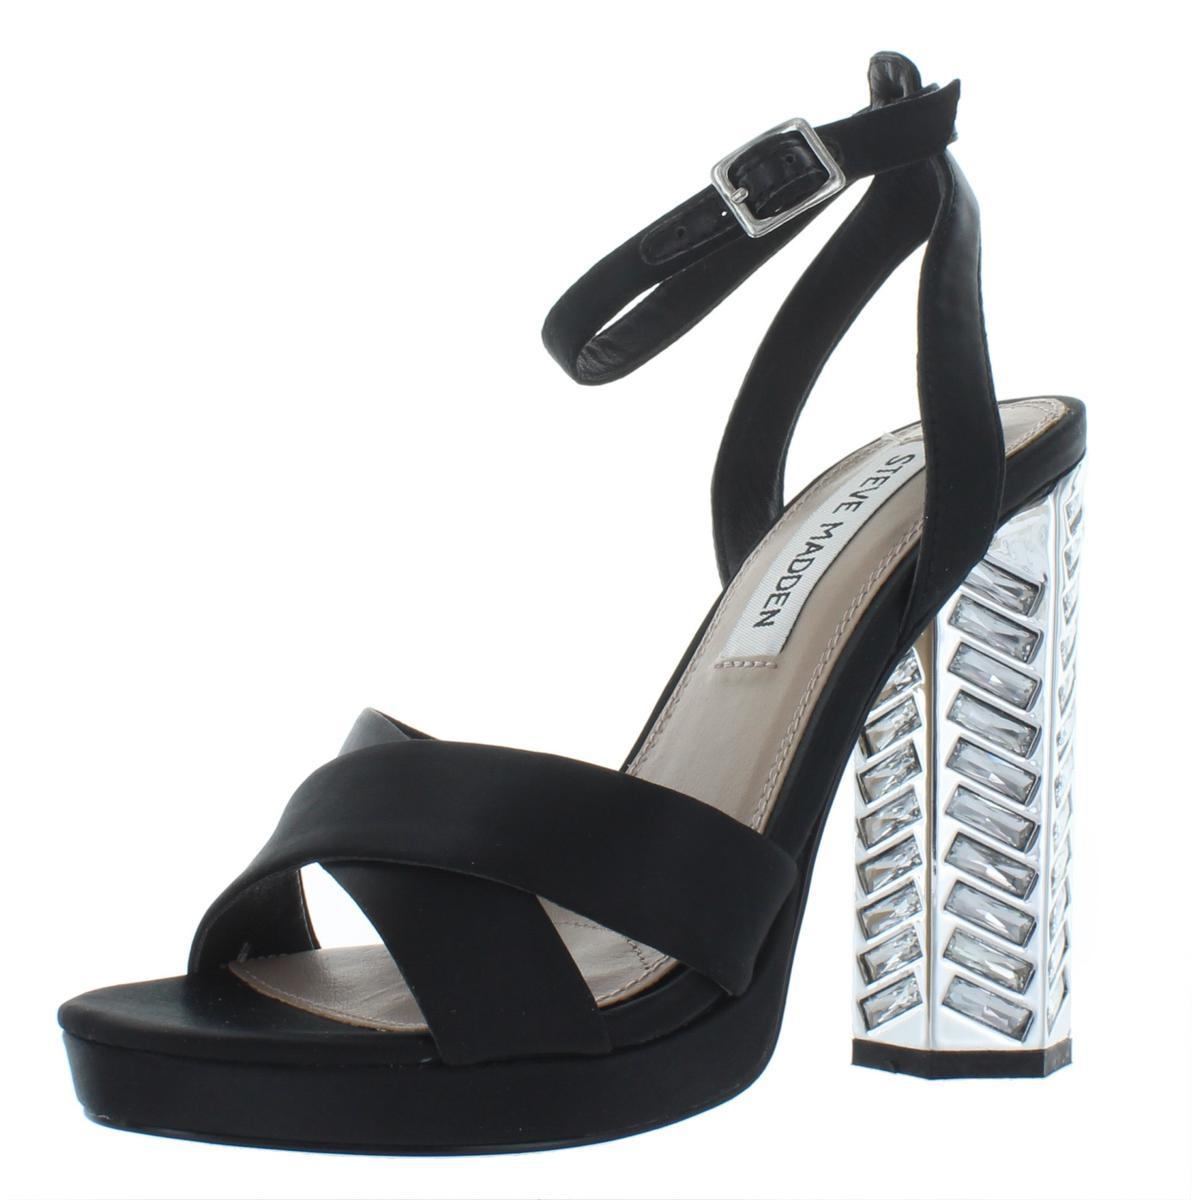 3a5f05589cf Steve Madden Women s Heels   Pumps  Platforms - Sears